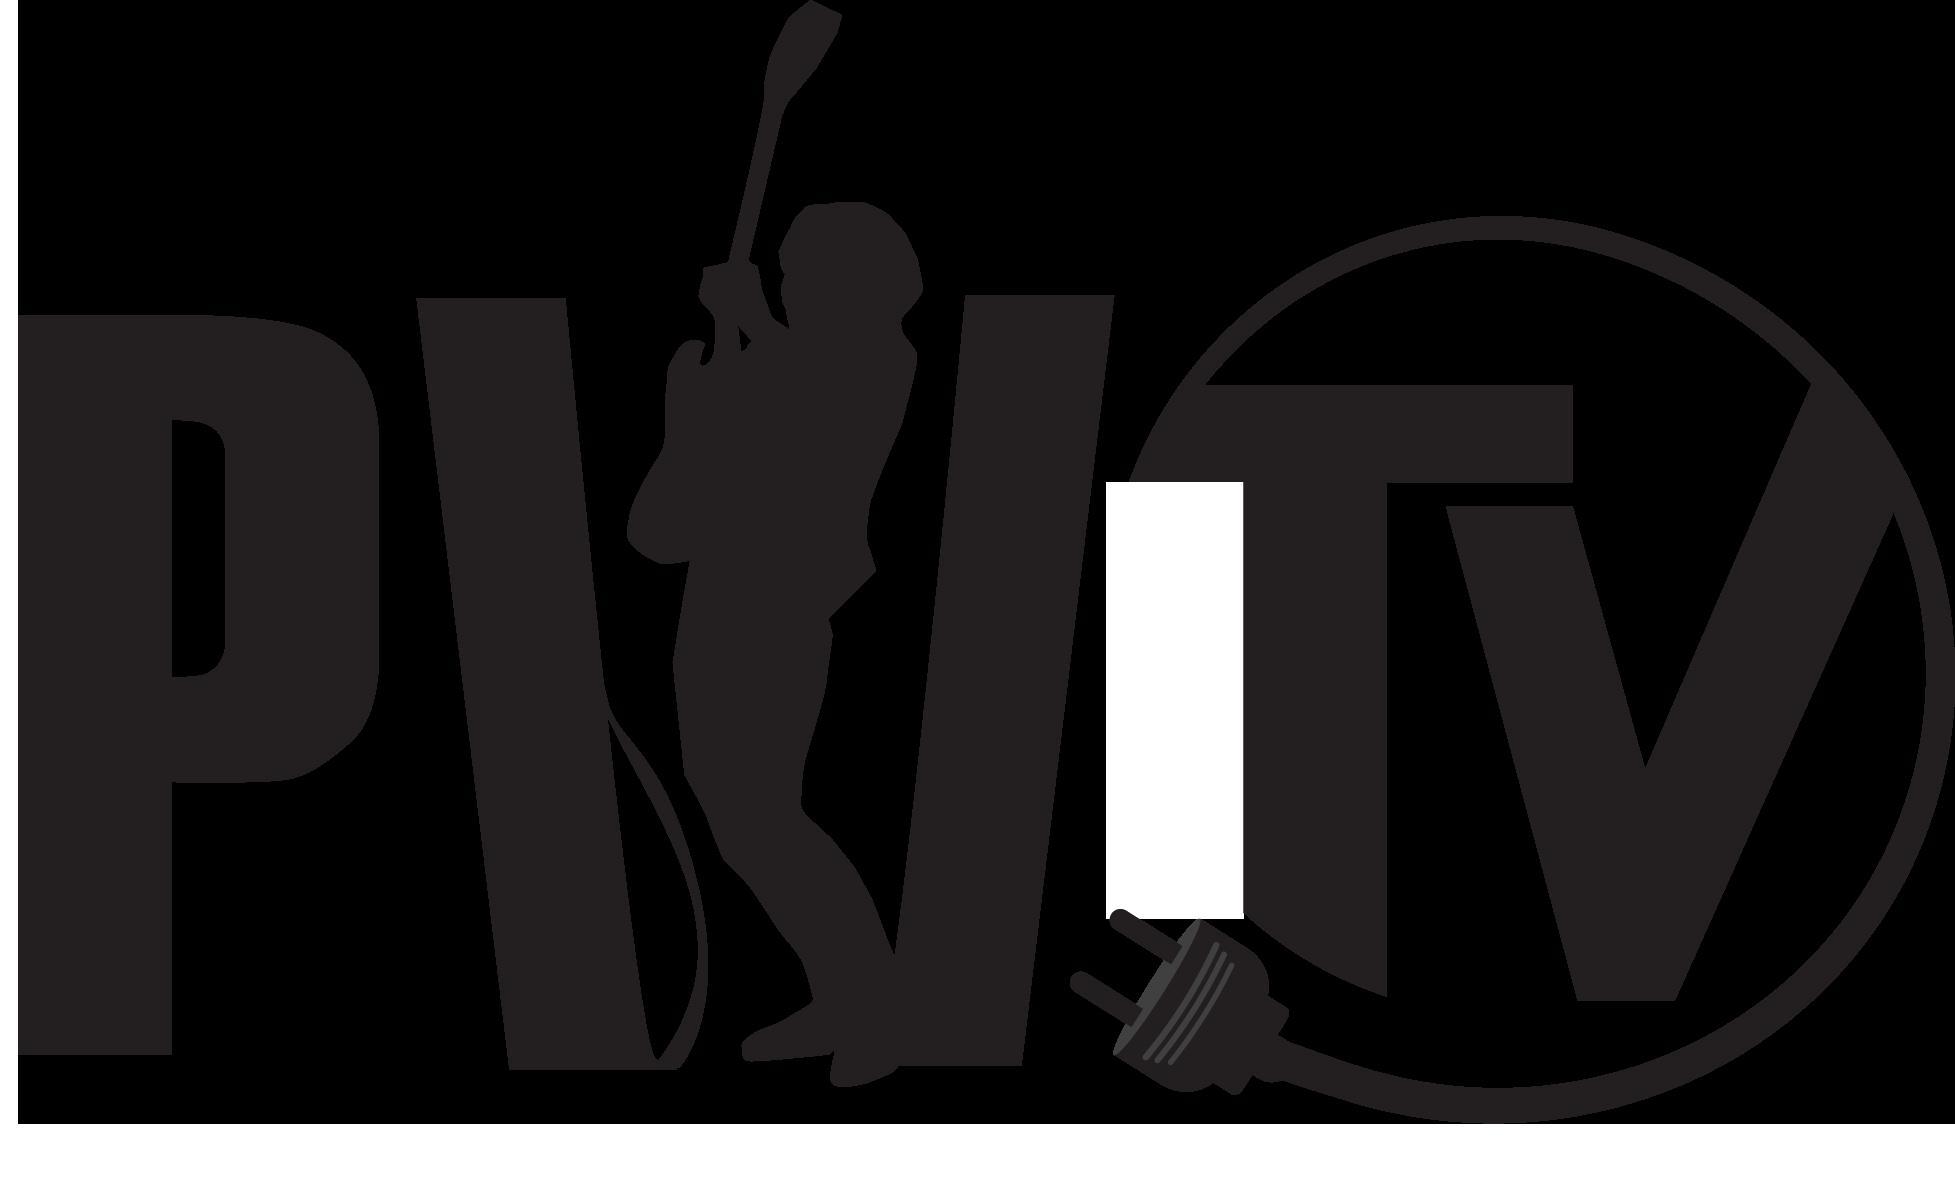 pwtv_logo_finala